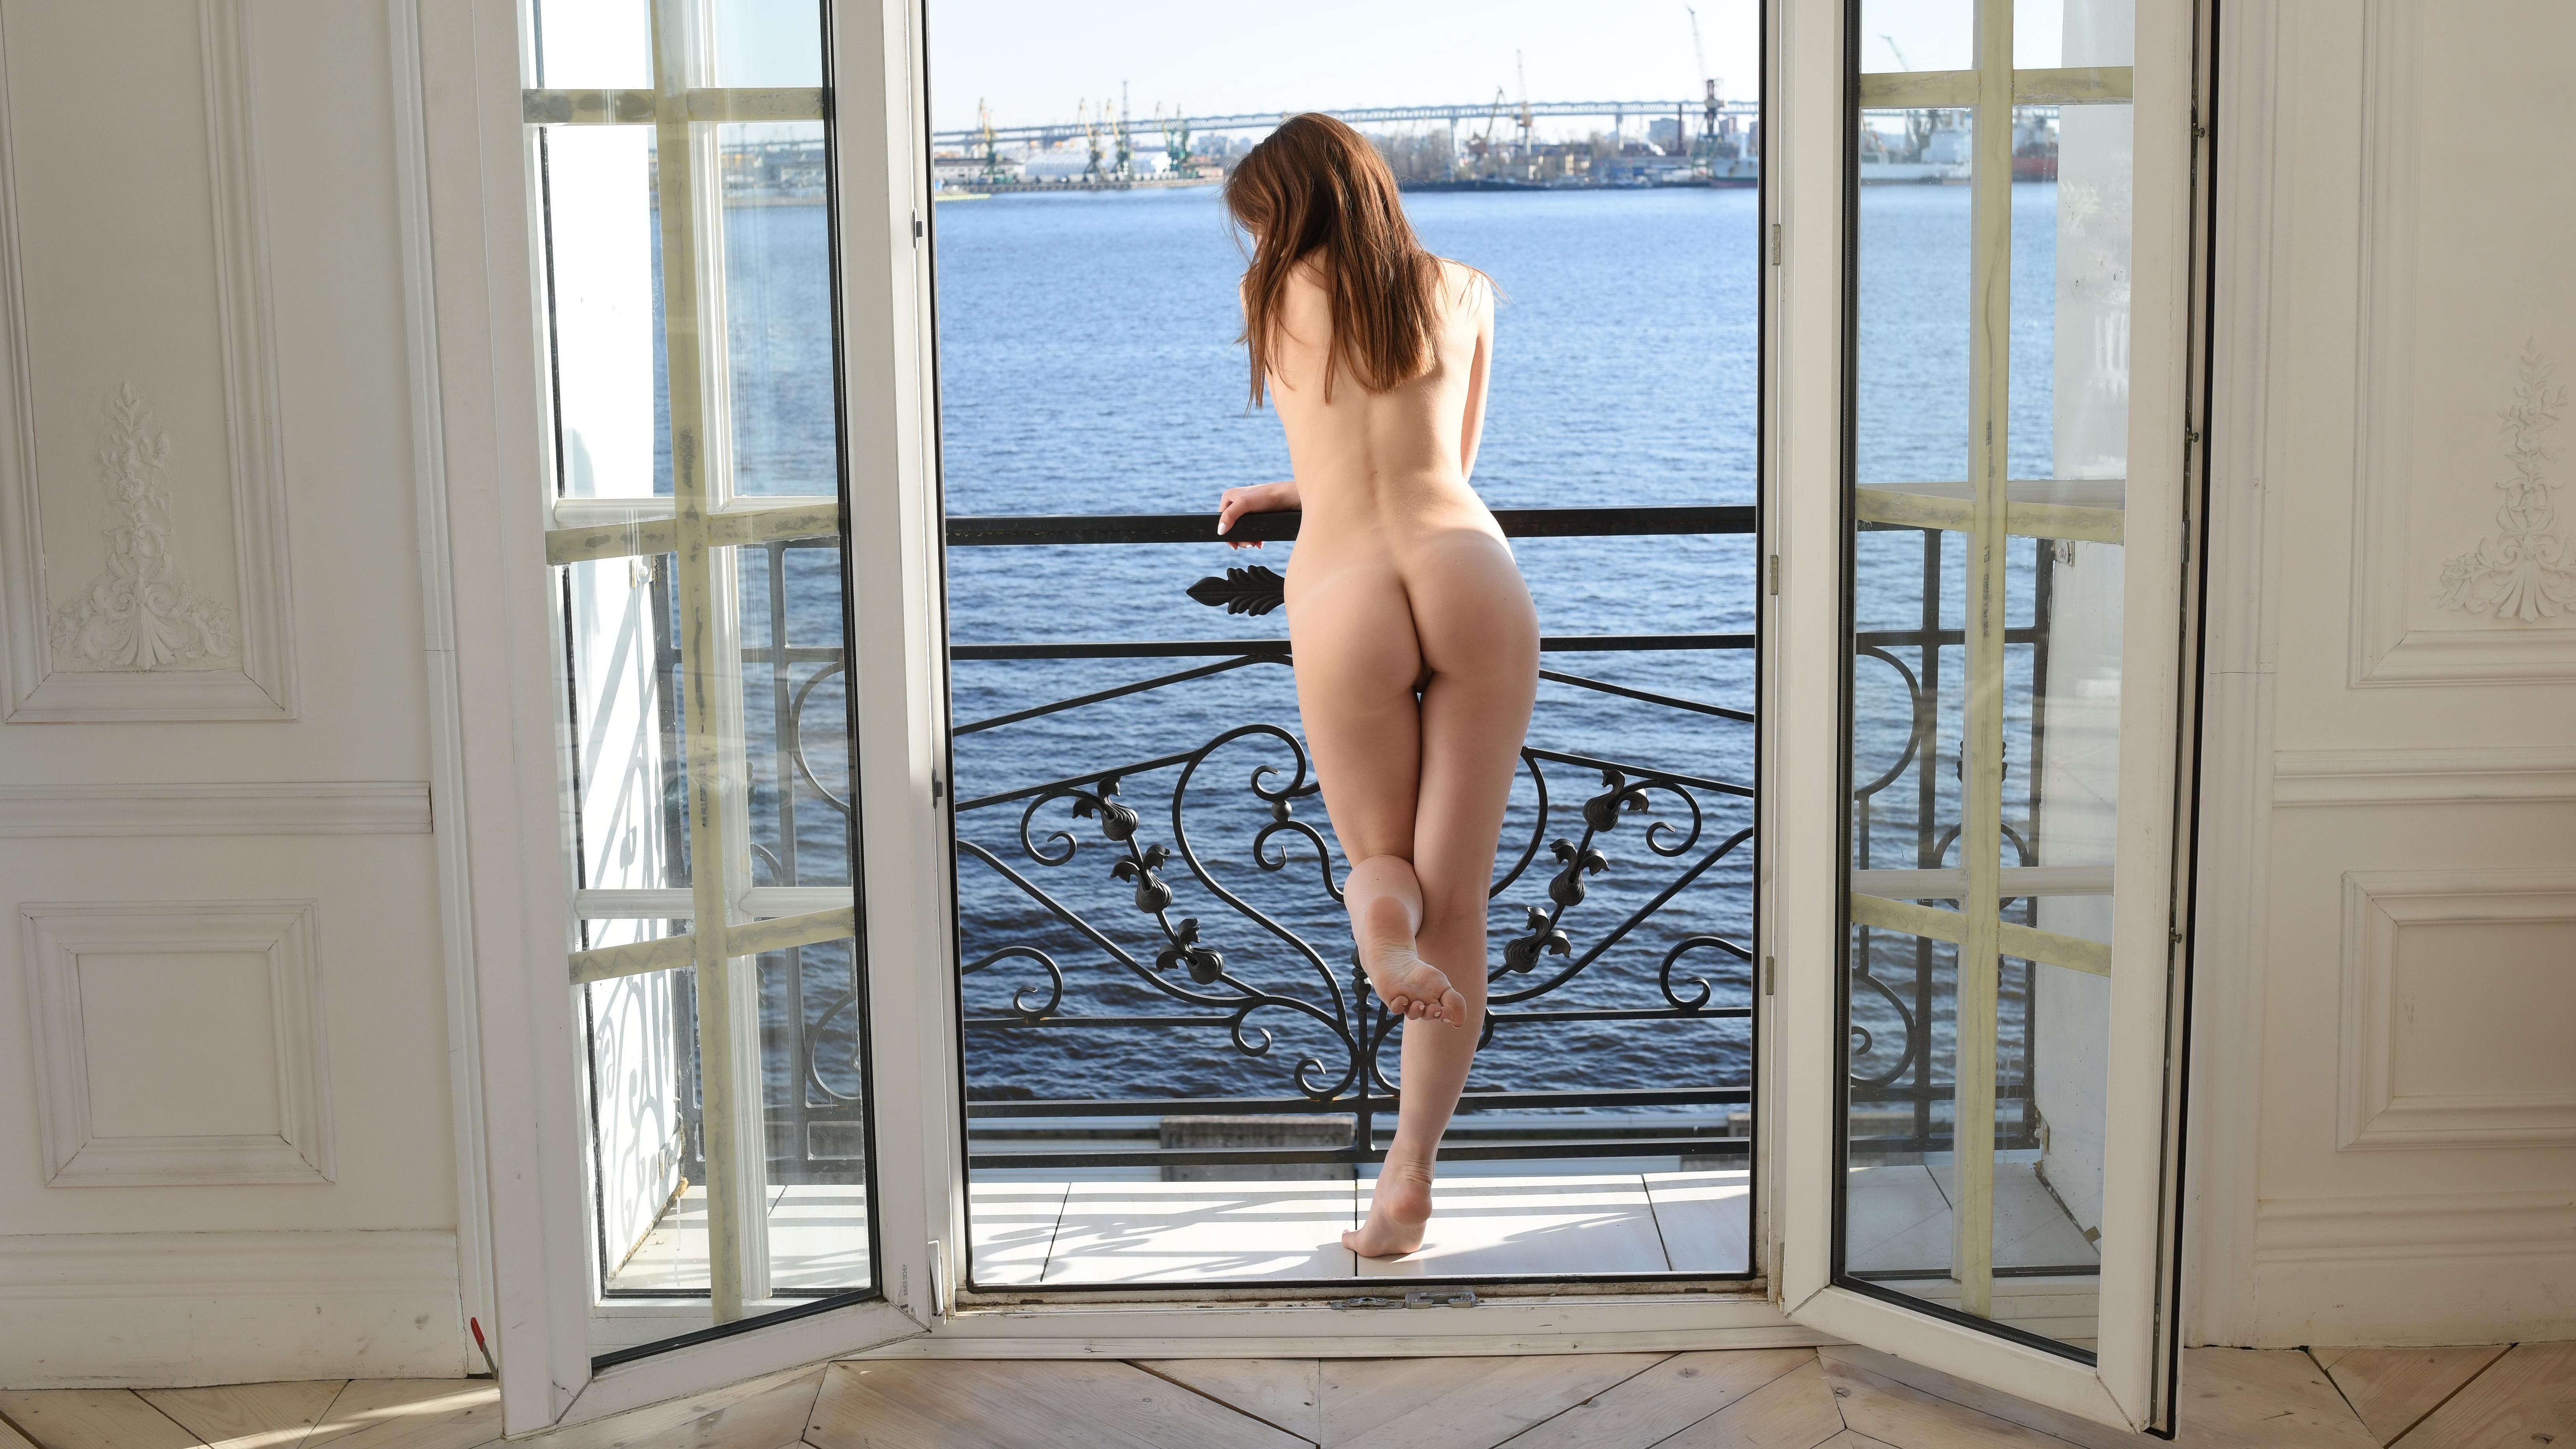 Windows naked #14